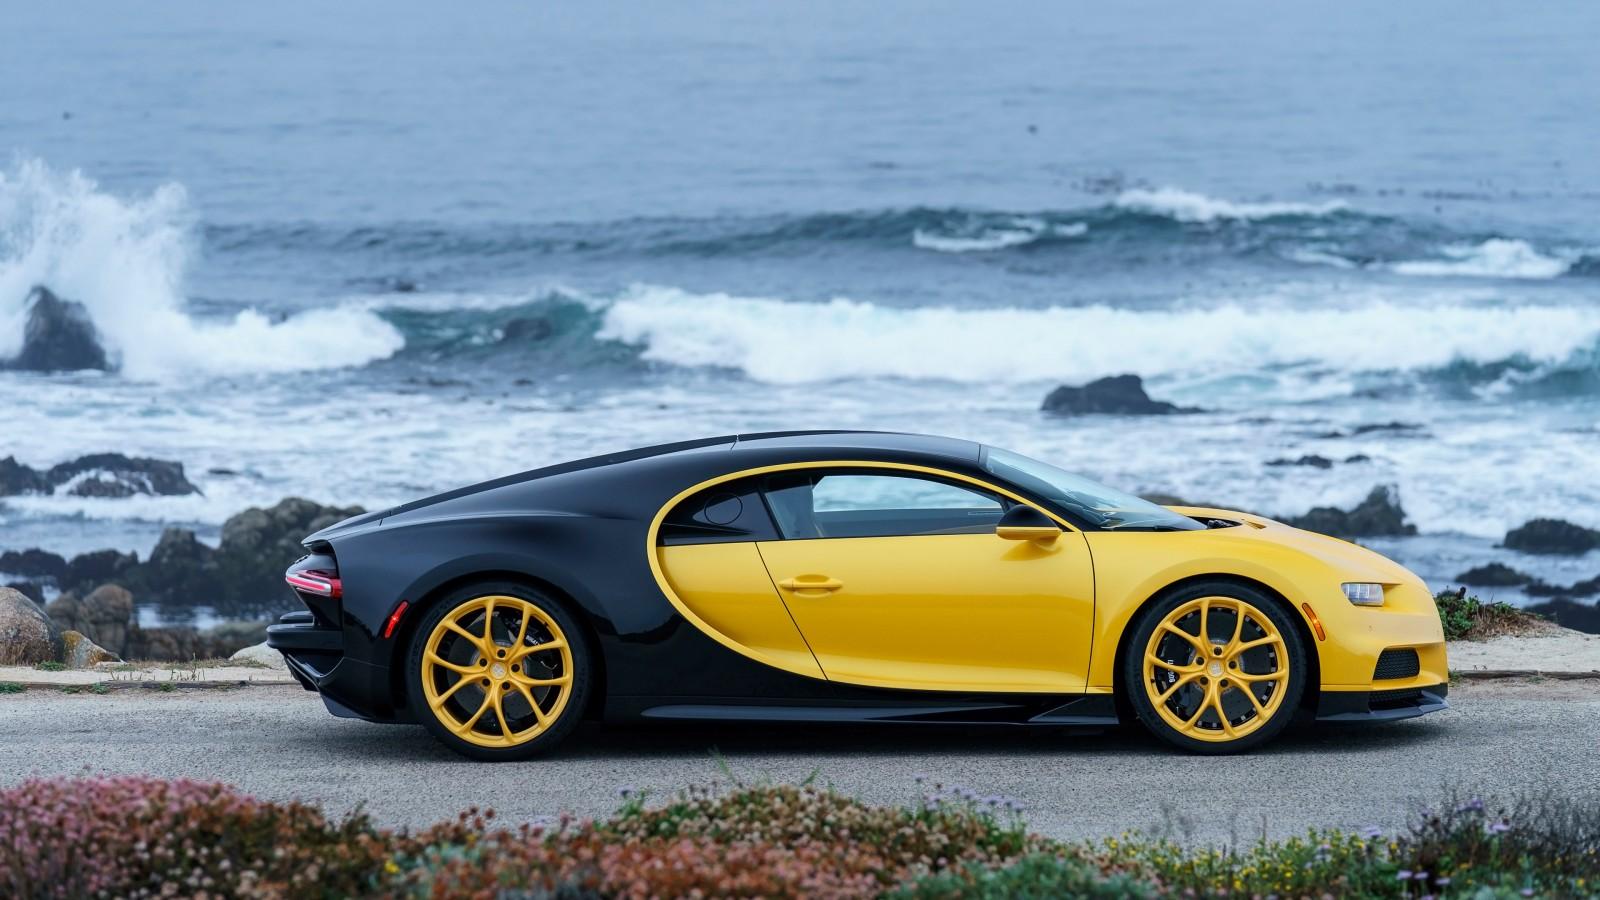 2018 Bugatti Chiron Yellow and Black 4K 3 Wallpaper | HD ...